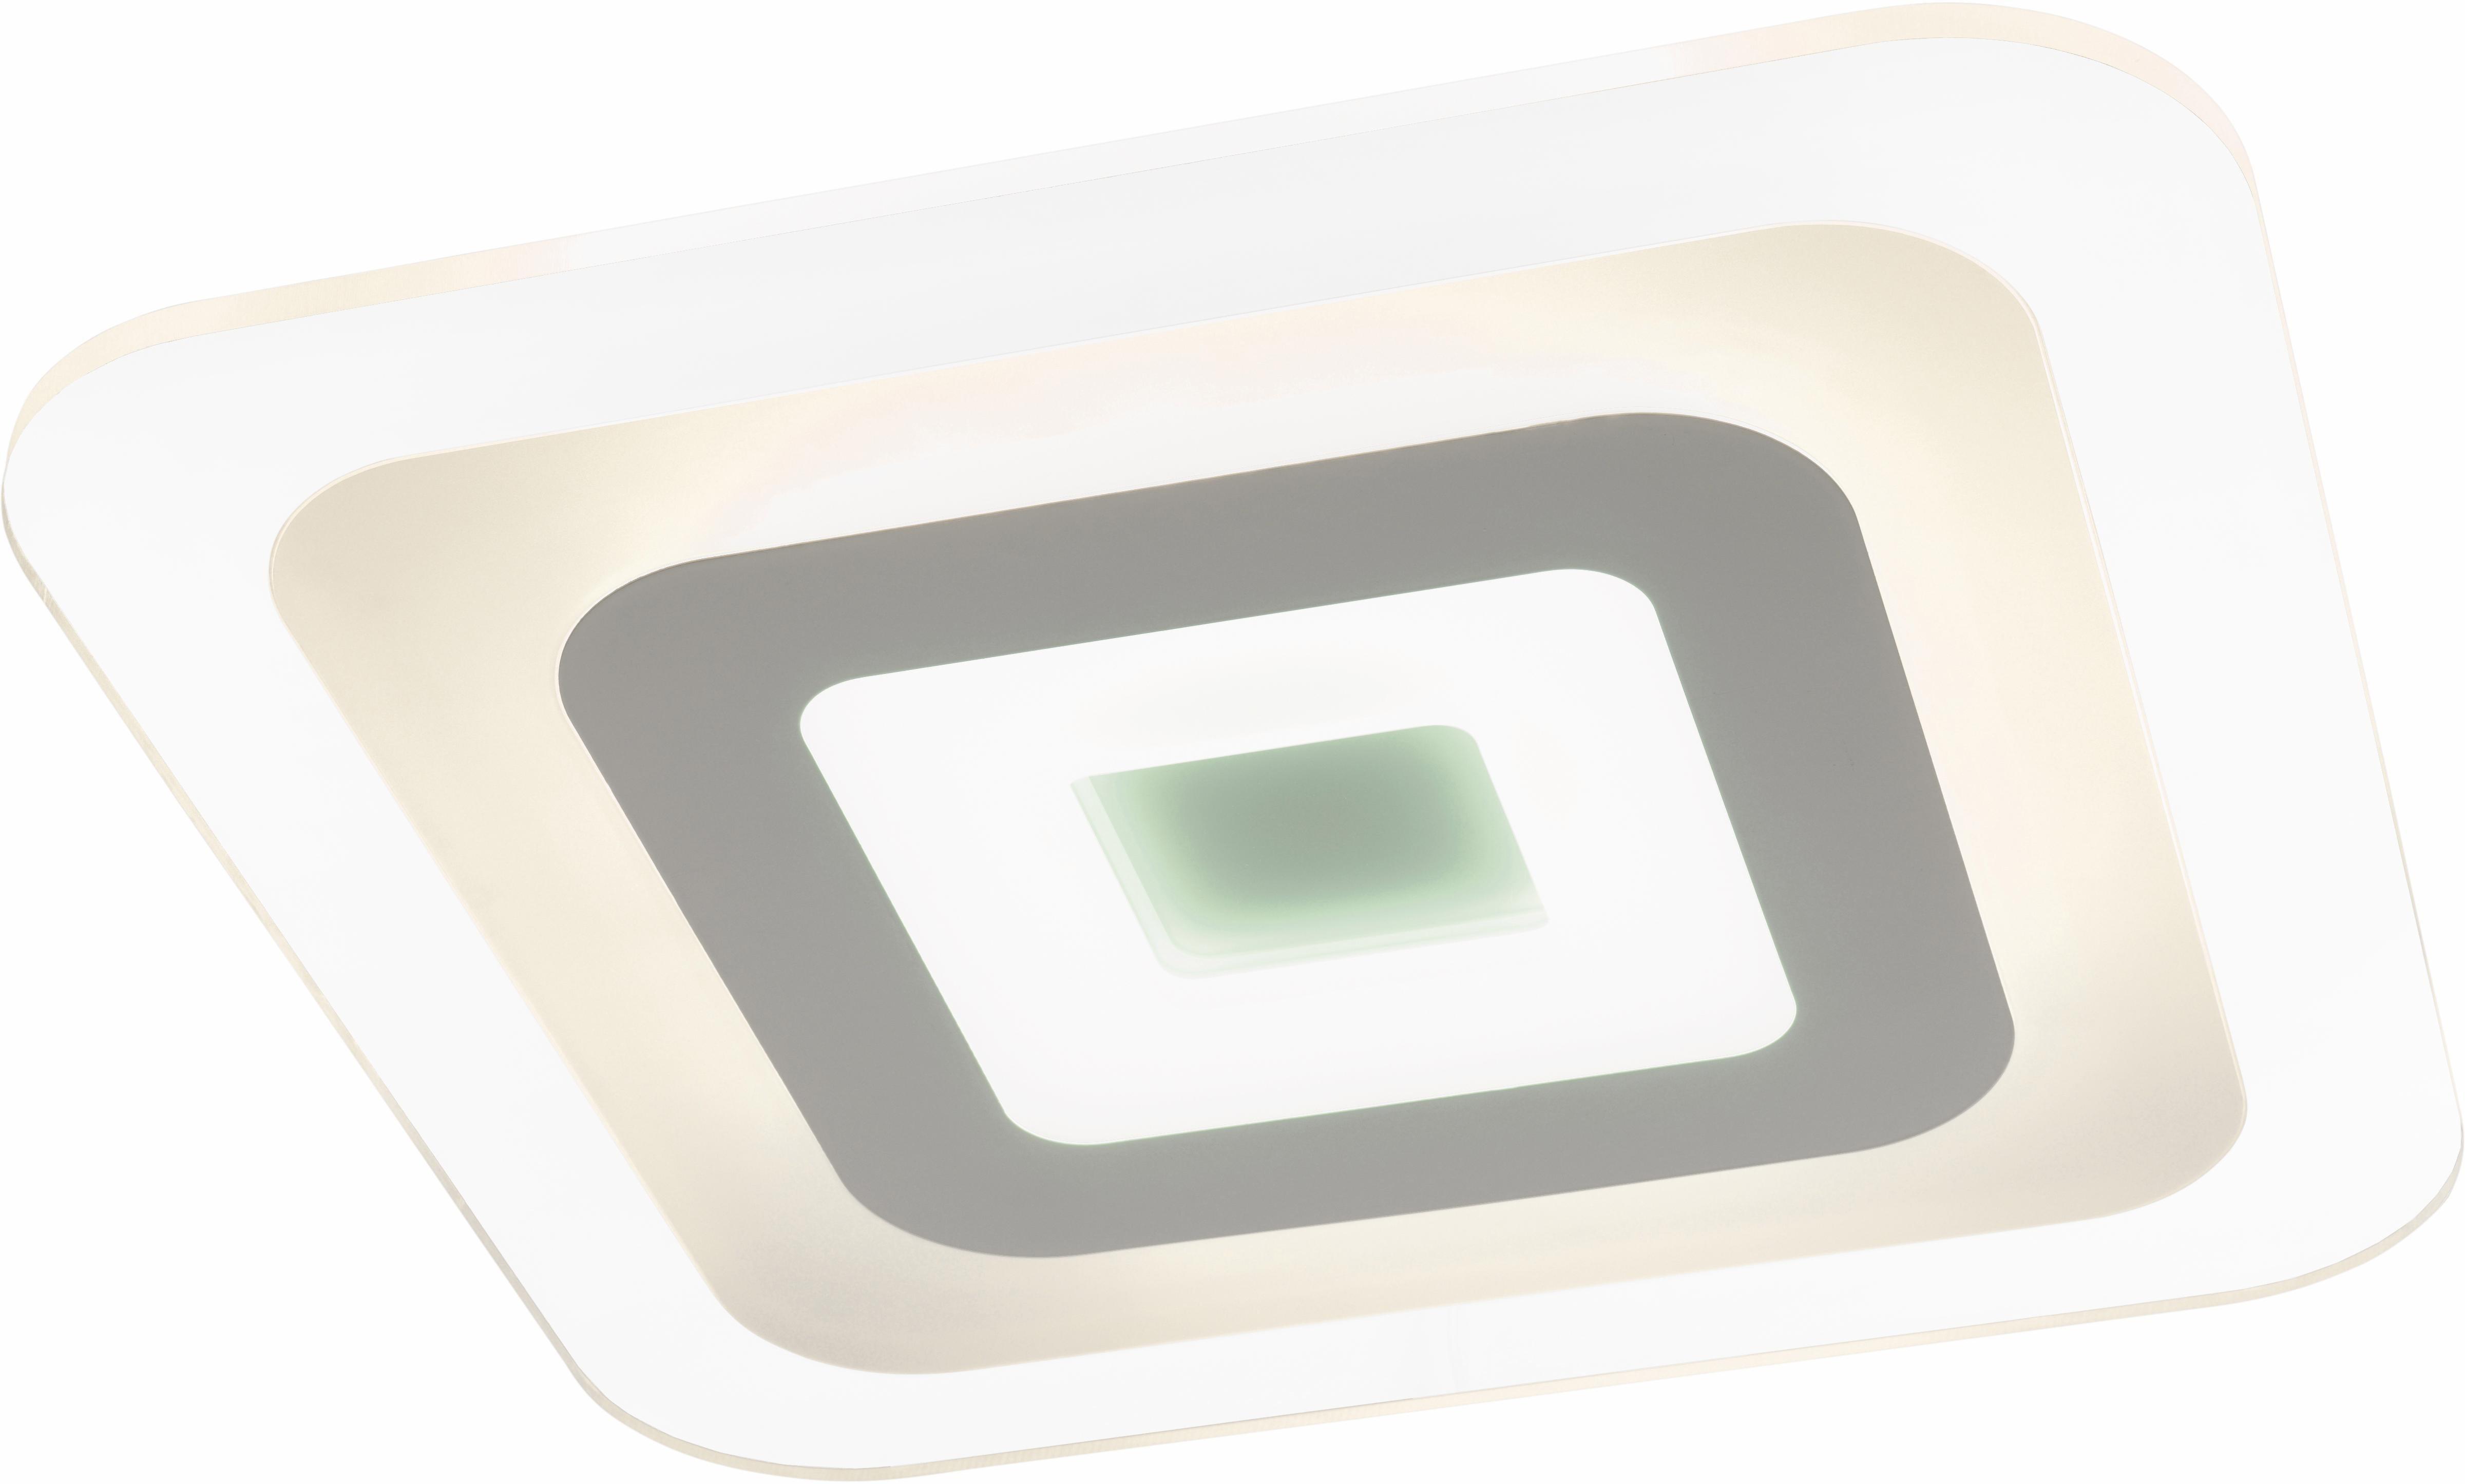 eglo led deckenleuchte 1flg reducta 1 wei online kaufen bei woonio. Black Bedroom Furniture Sets. Home Design Ideas